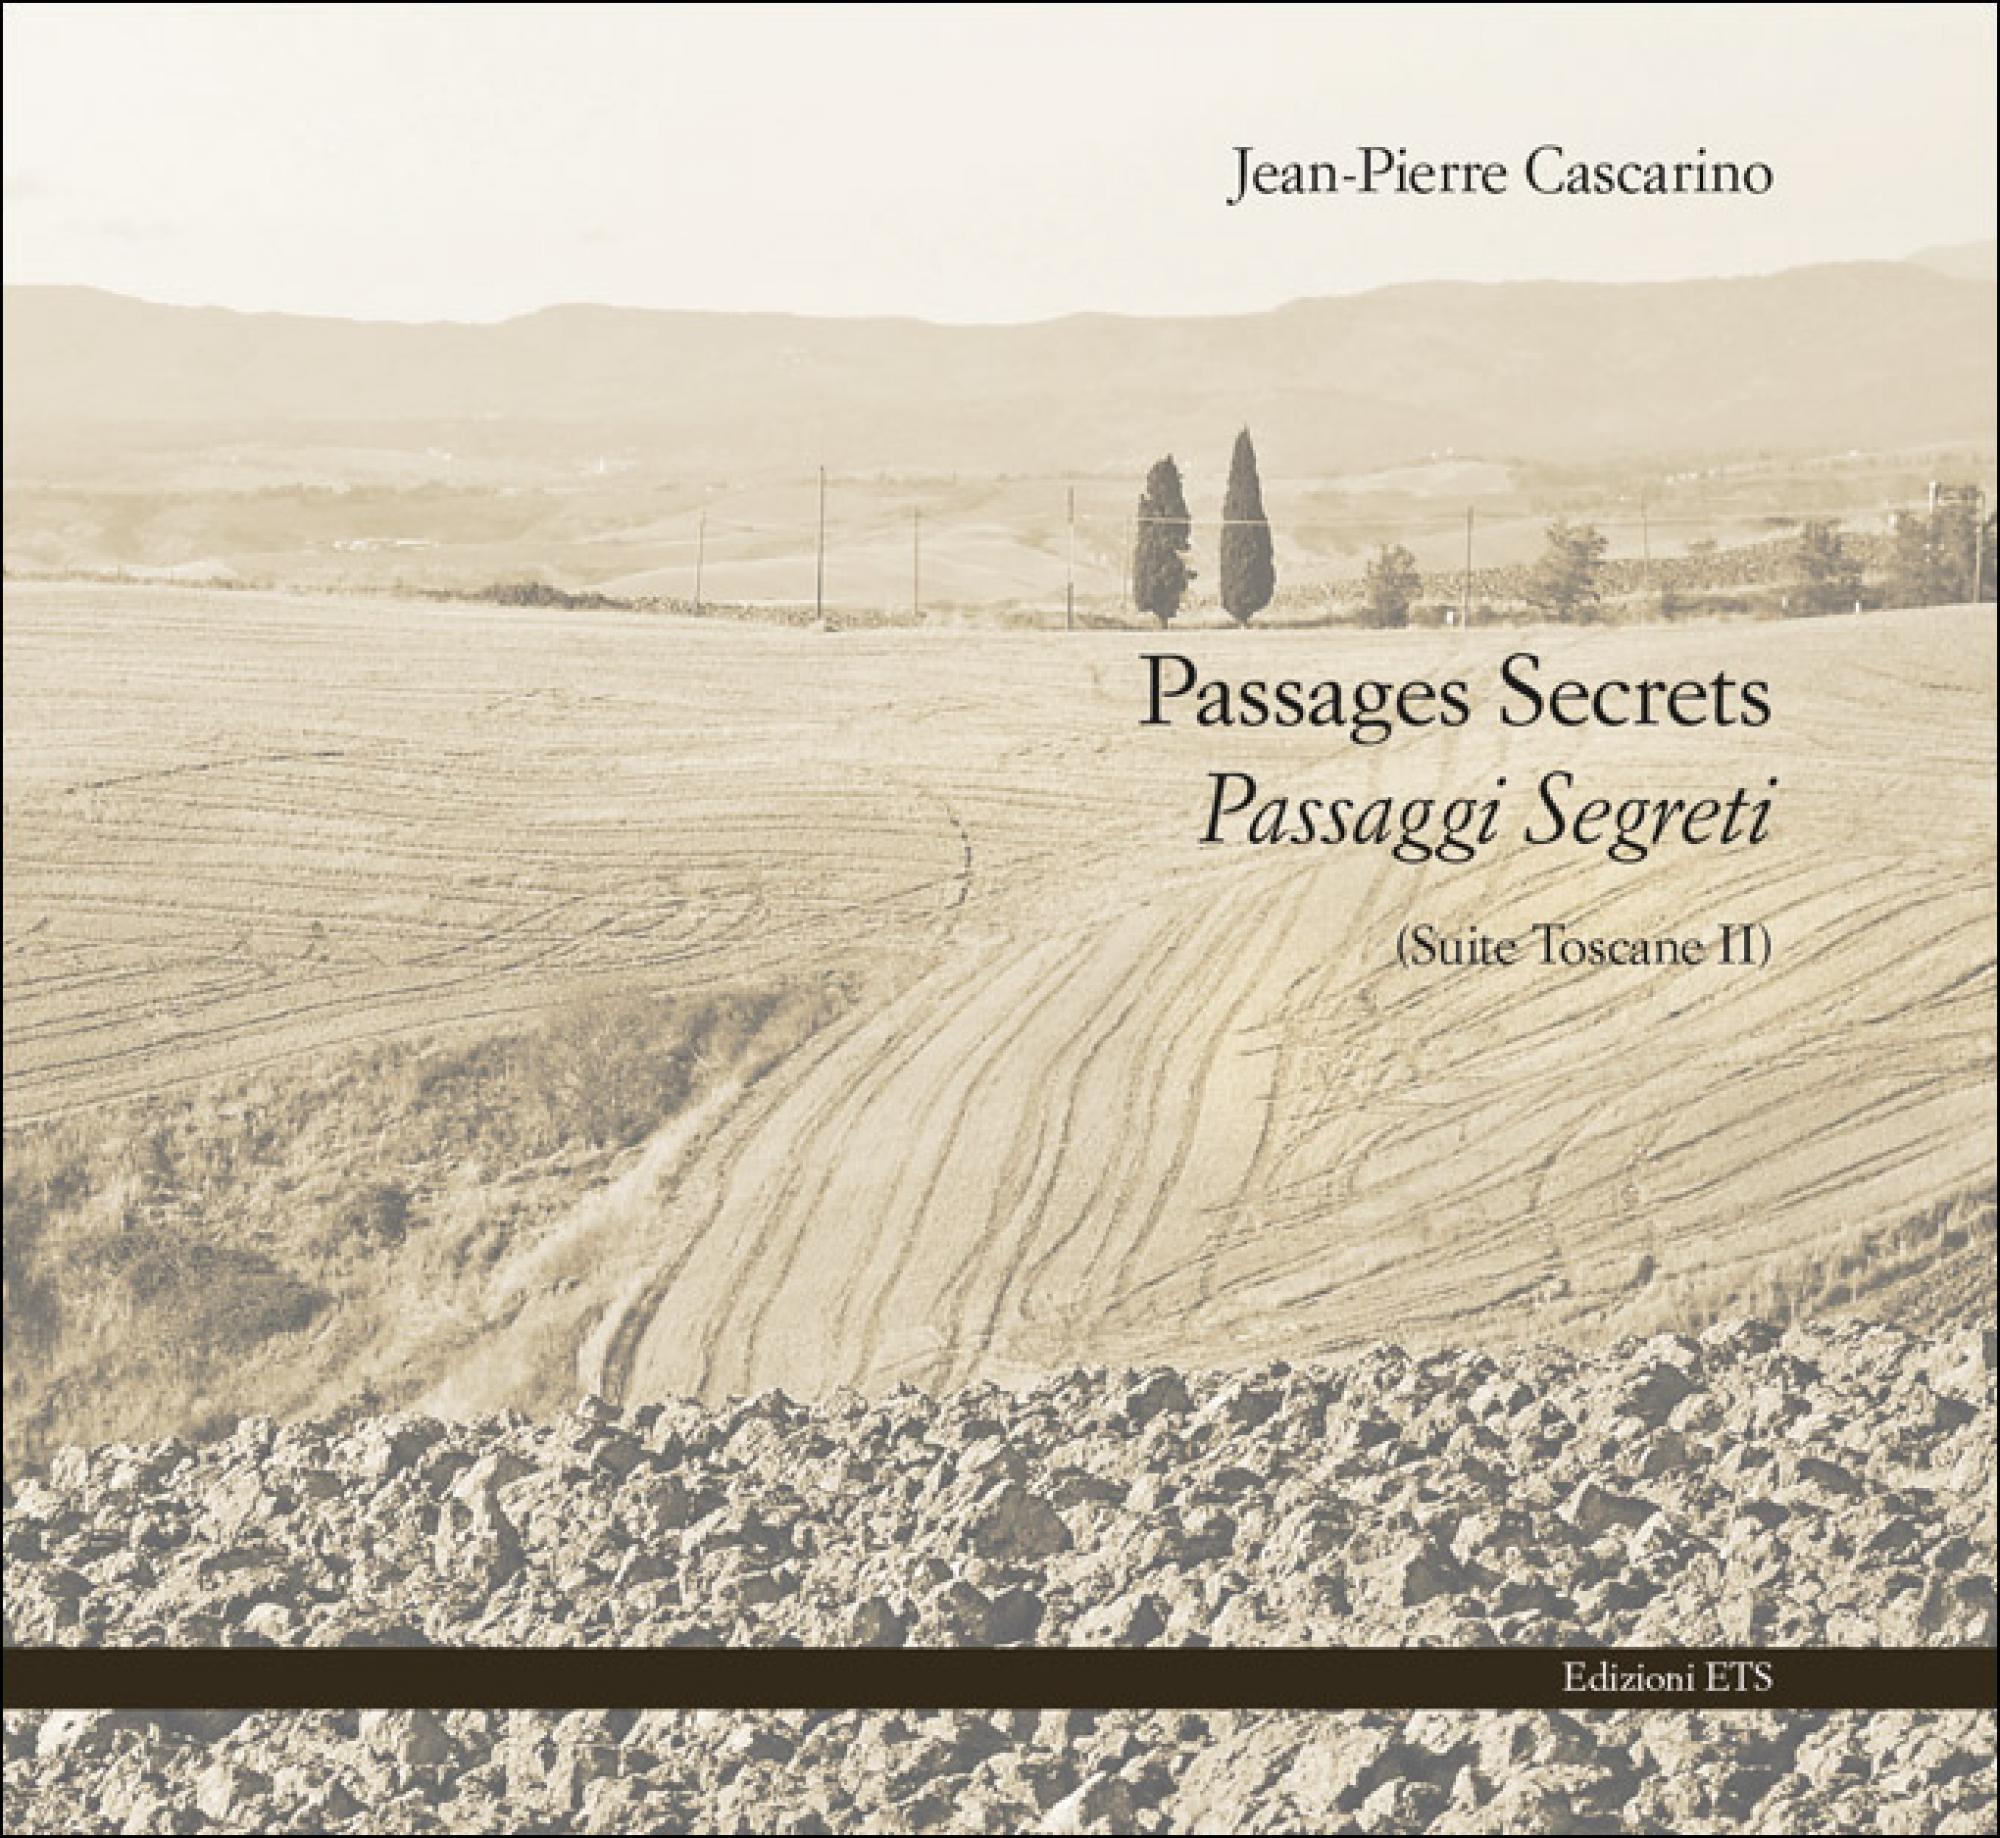 Passages Secrets <em>Passaggi segreti</em>.(Suite Toscane II)